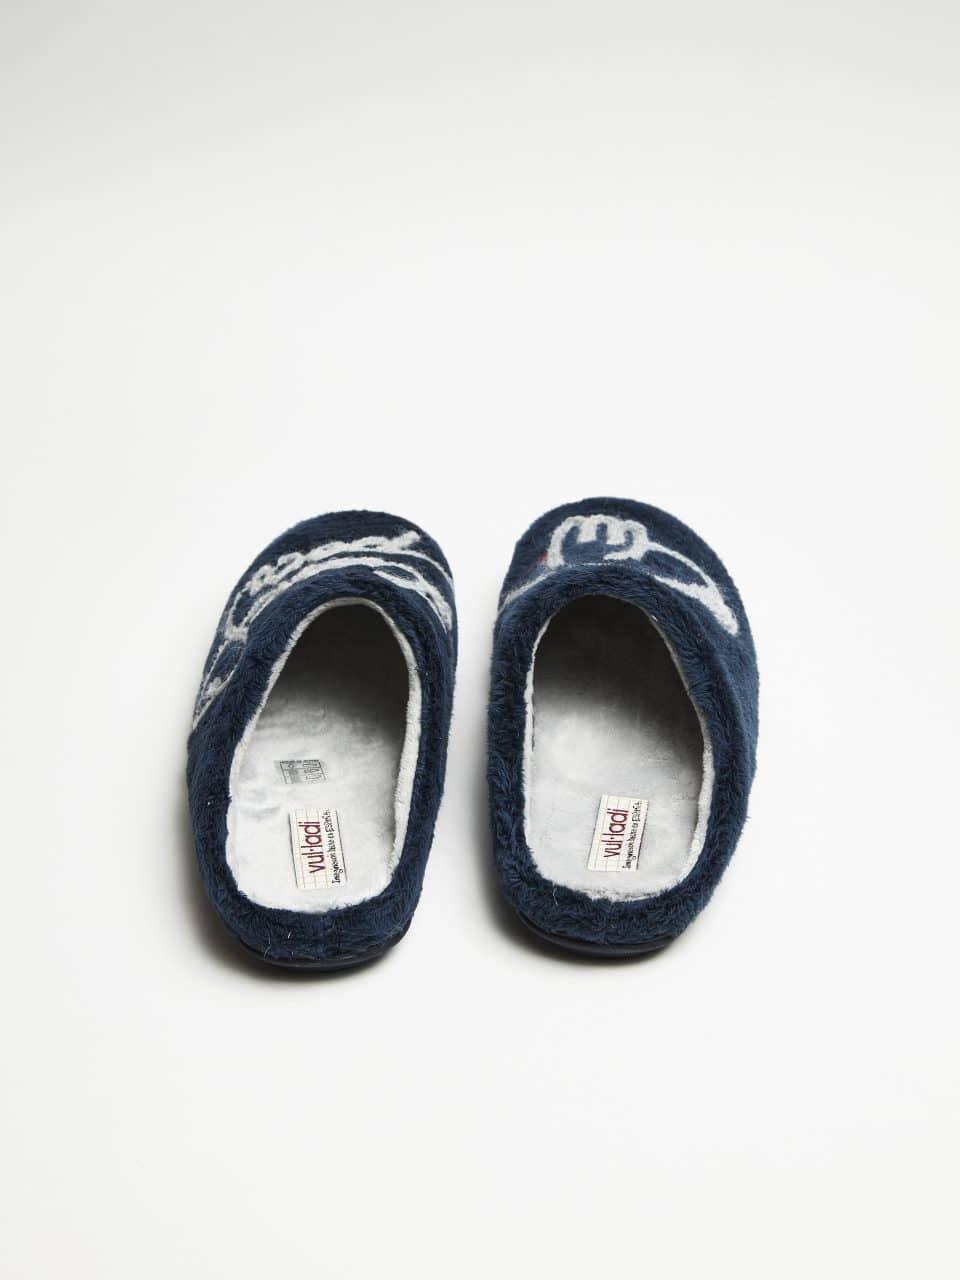 ZUECO MONTBLANC MARINO Marcas en Loyna Shoes